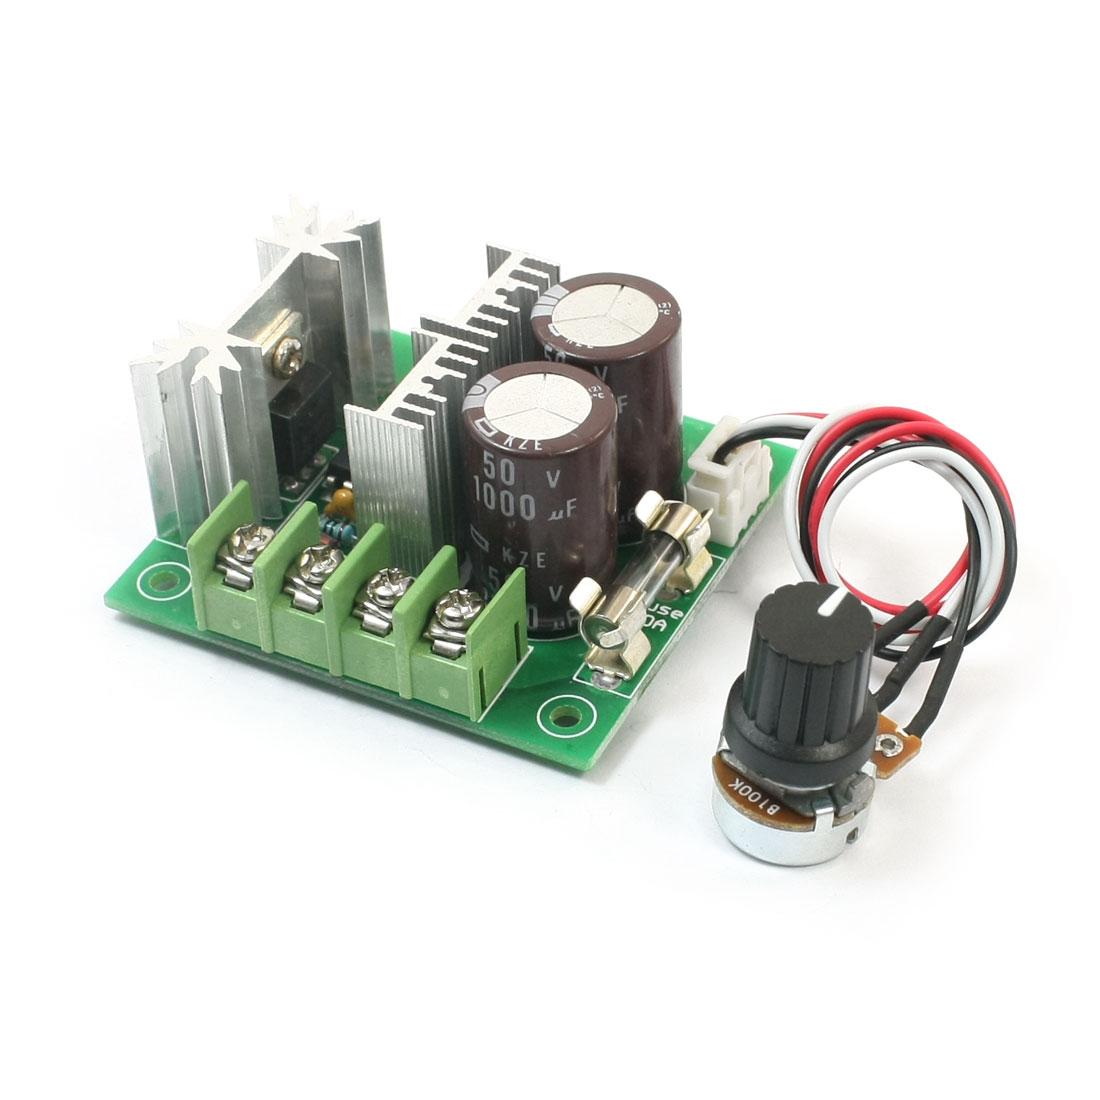 CCMHCW PWM Motor Speed Controller w External Control Knob DC12-40V 10A